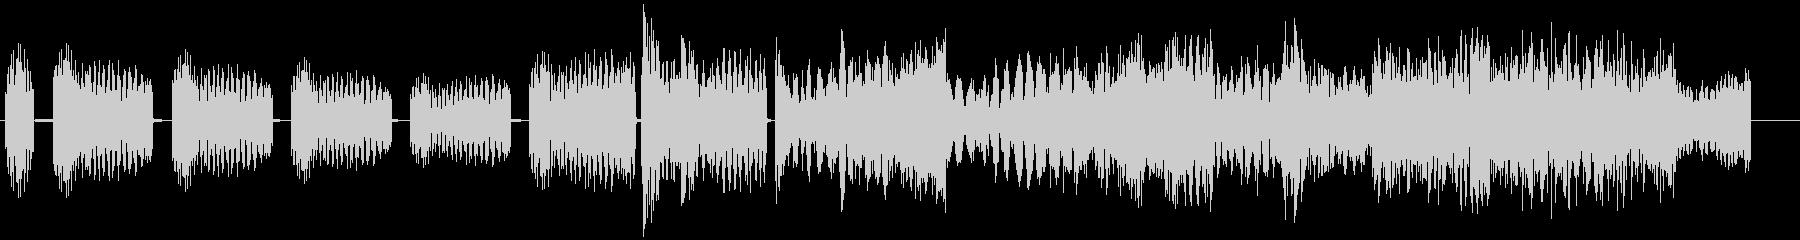 ハードヒットロックスタブの未再生の波形